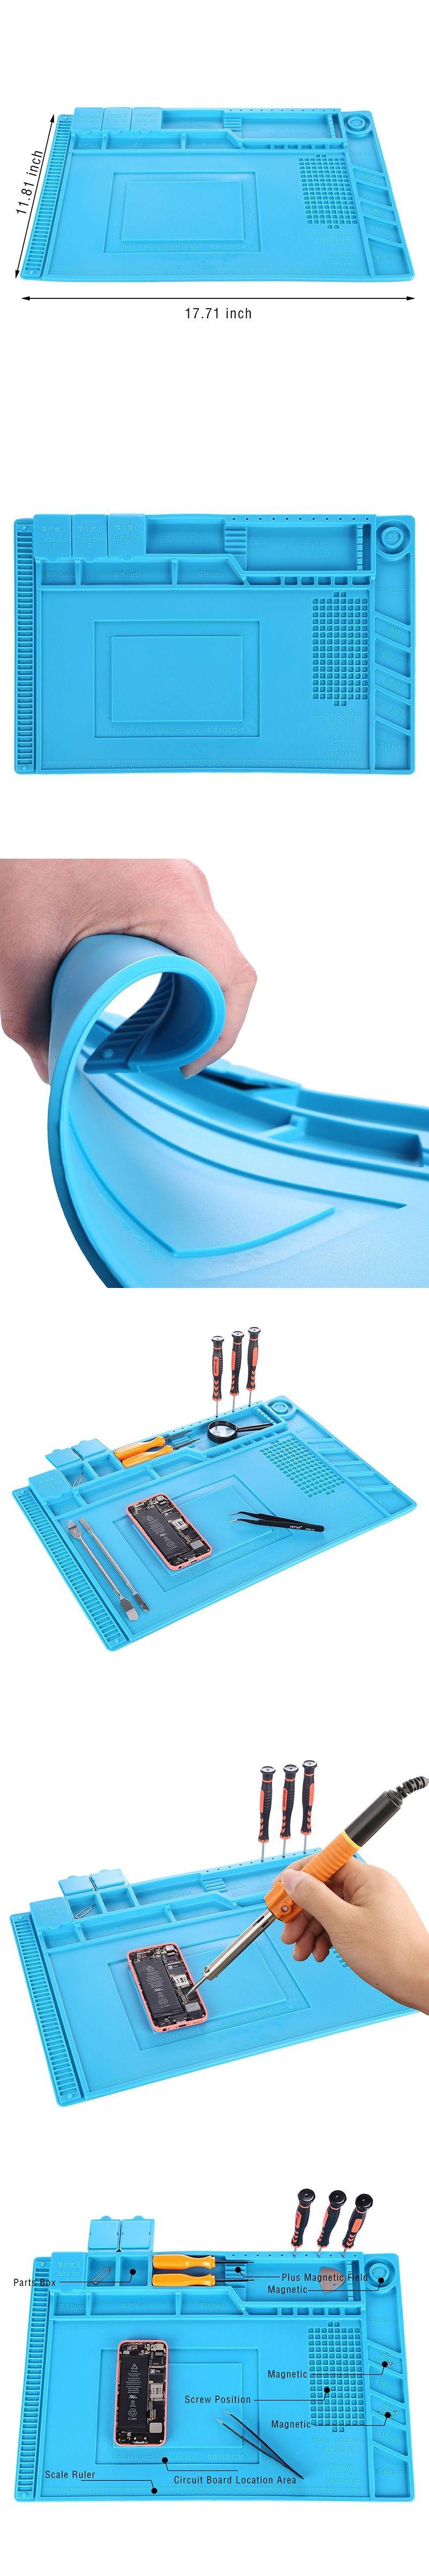 Silicone Soldering Mat 177118 Bga Station Electrician Tools Tool Kit 12 Different Circuit Board Phone Repair Pad